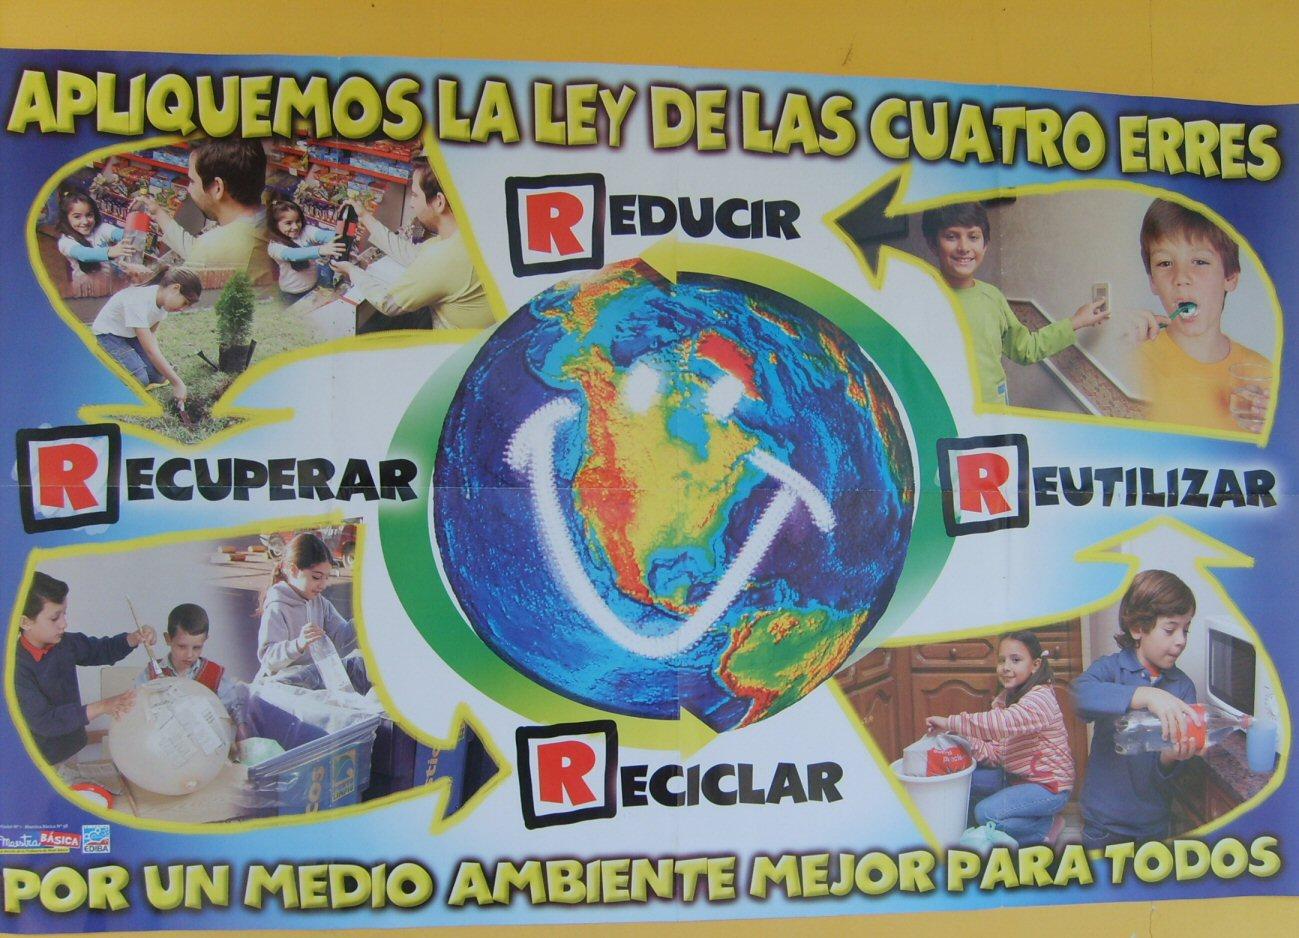 Forjadores ambientales de quilpu junio 2010 for Deportes para el periodico mural